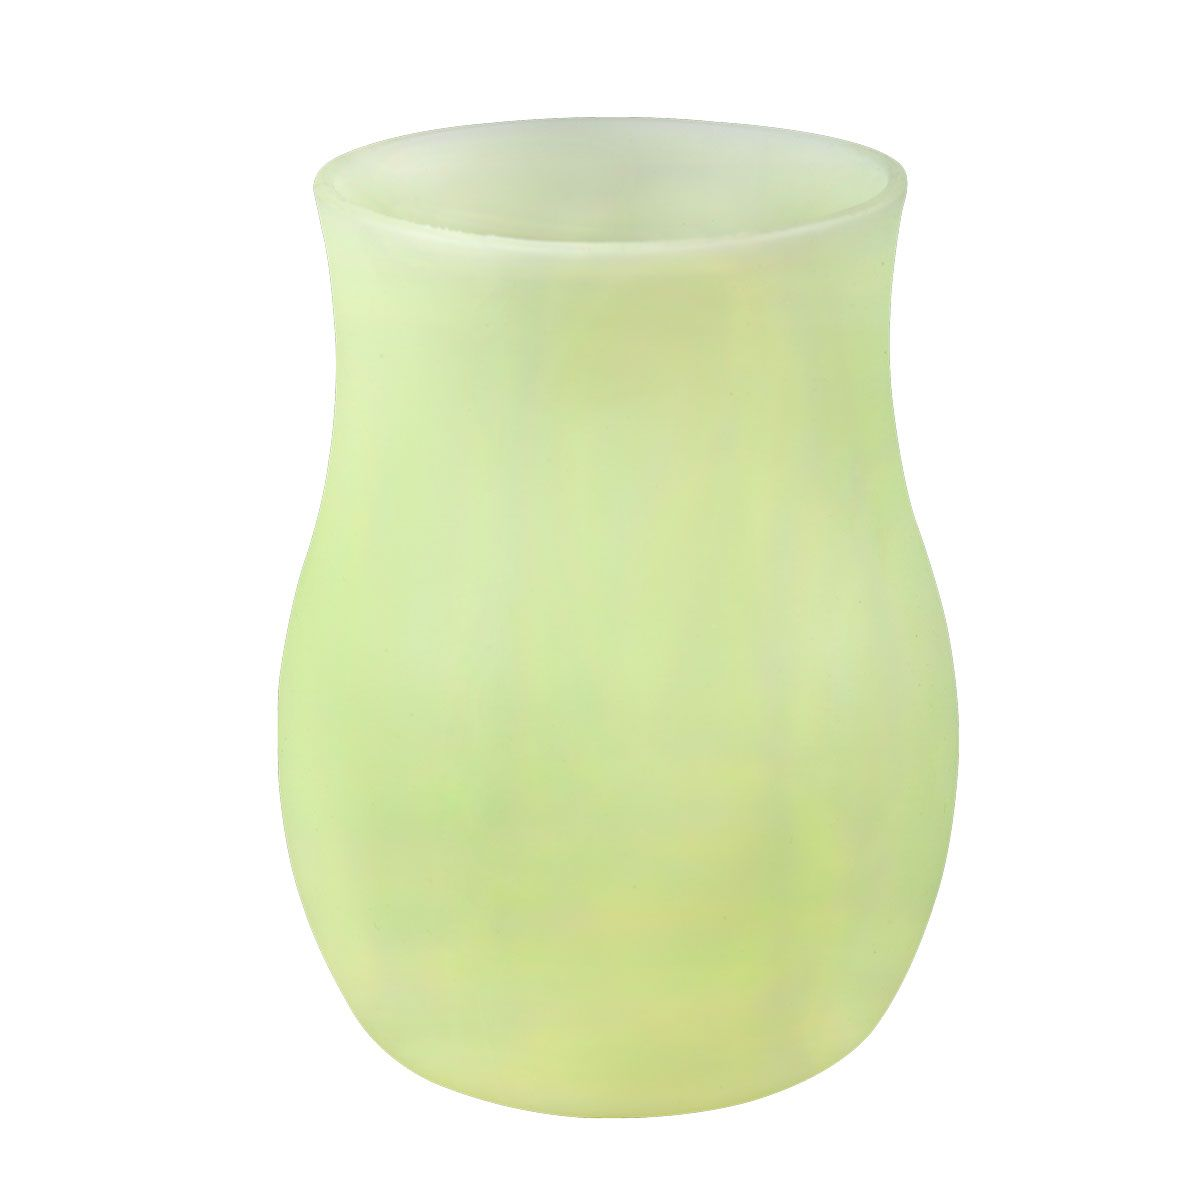 Ваза Miolla, цвет: салатовый, высота 10 см54 009312Декоративные вазы в наше время пользуются очень большим спросом. Любители украшать свой дом, оценят этот античный сосуд, который может стать не только красивым, но и практичным дополнением любого интерьера.